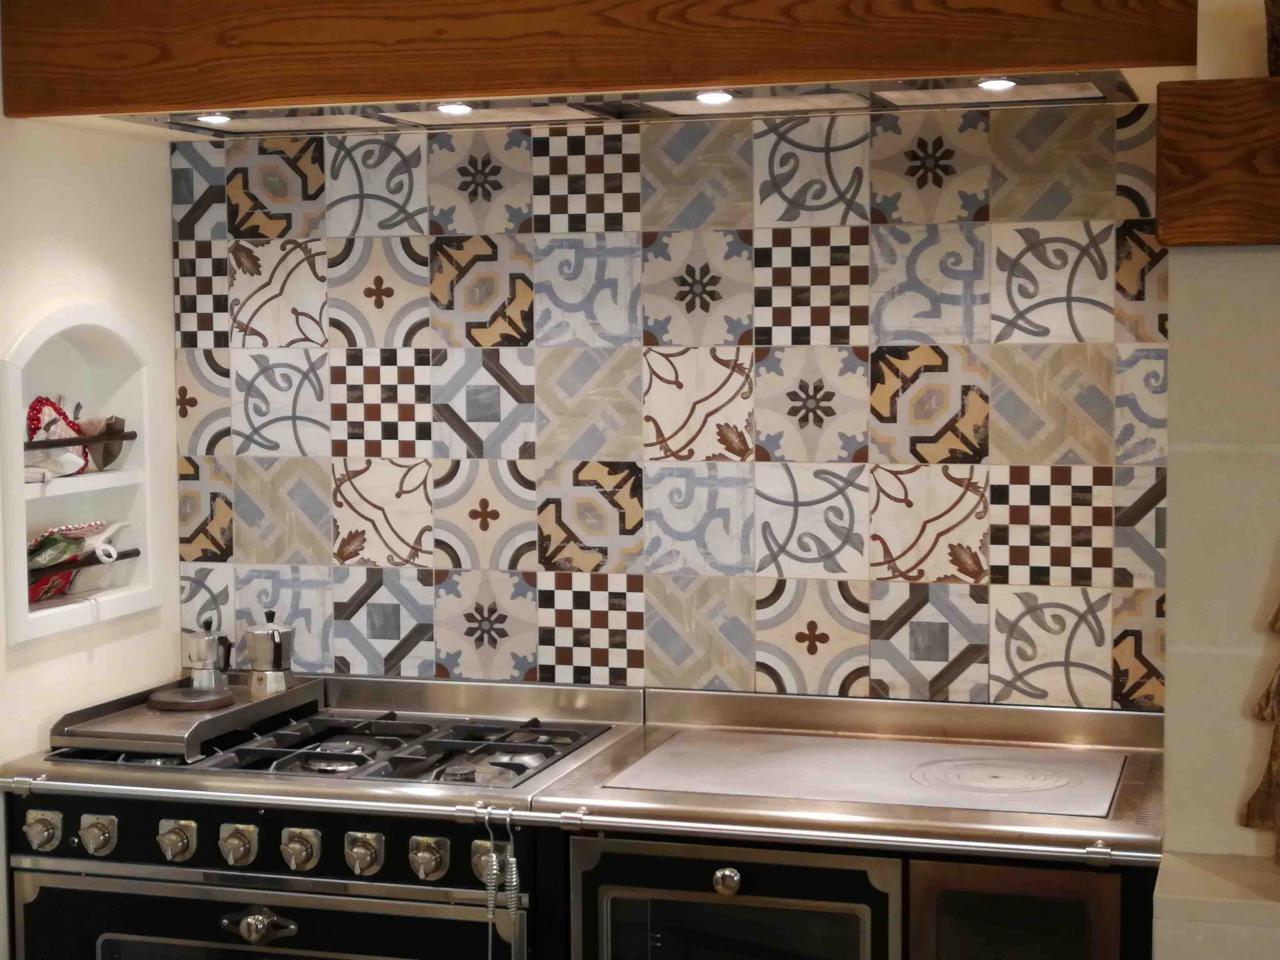 Le cementine piastrelle decorate in gres porcellanato fratelli pellizzari - Livellatori per piastrelle ...